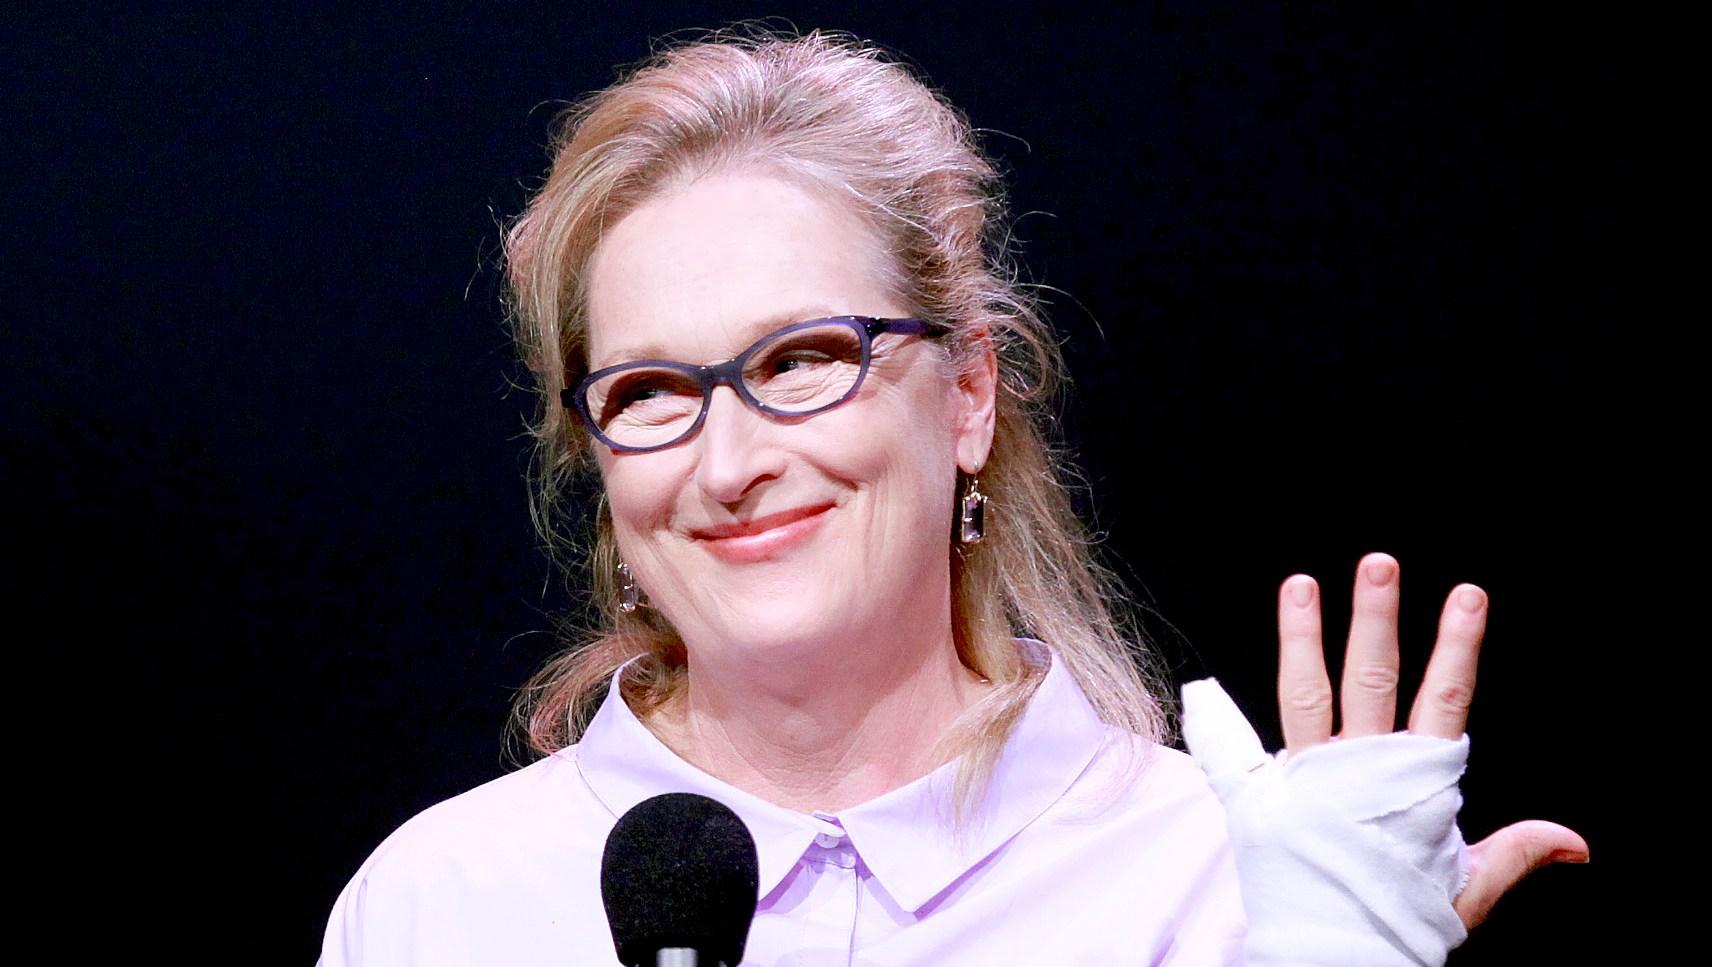 Meryl-Streep-avocado-injury